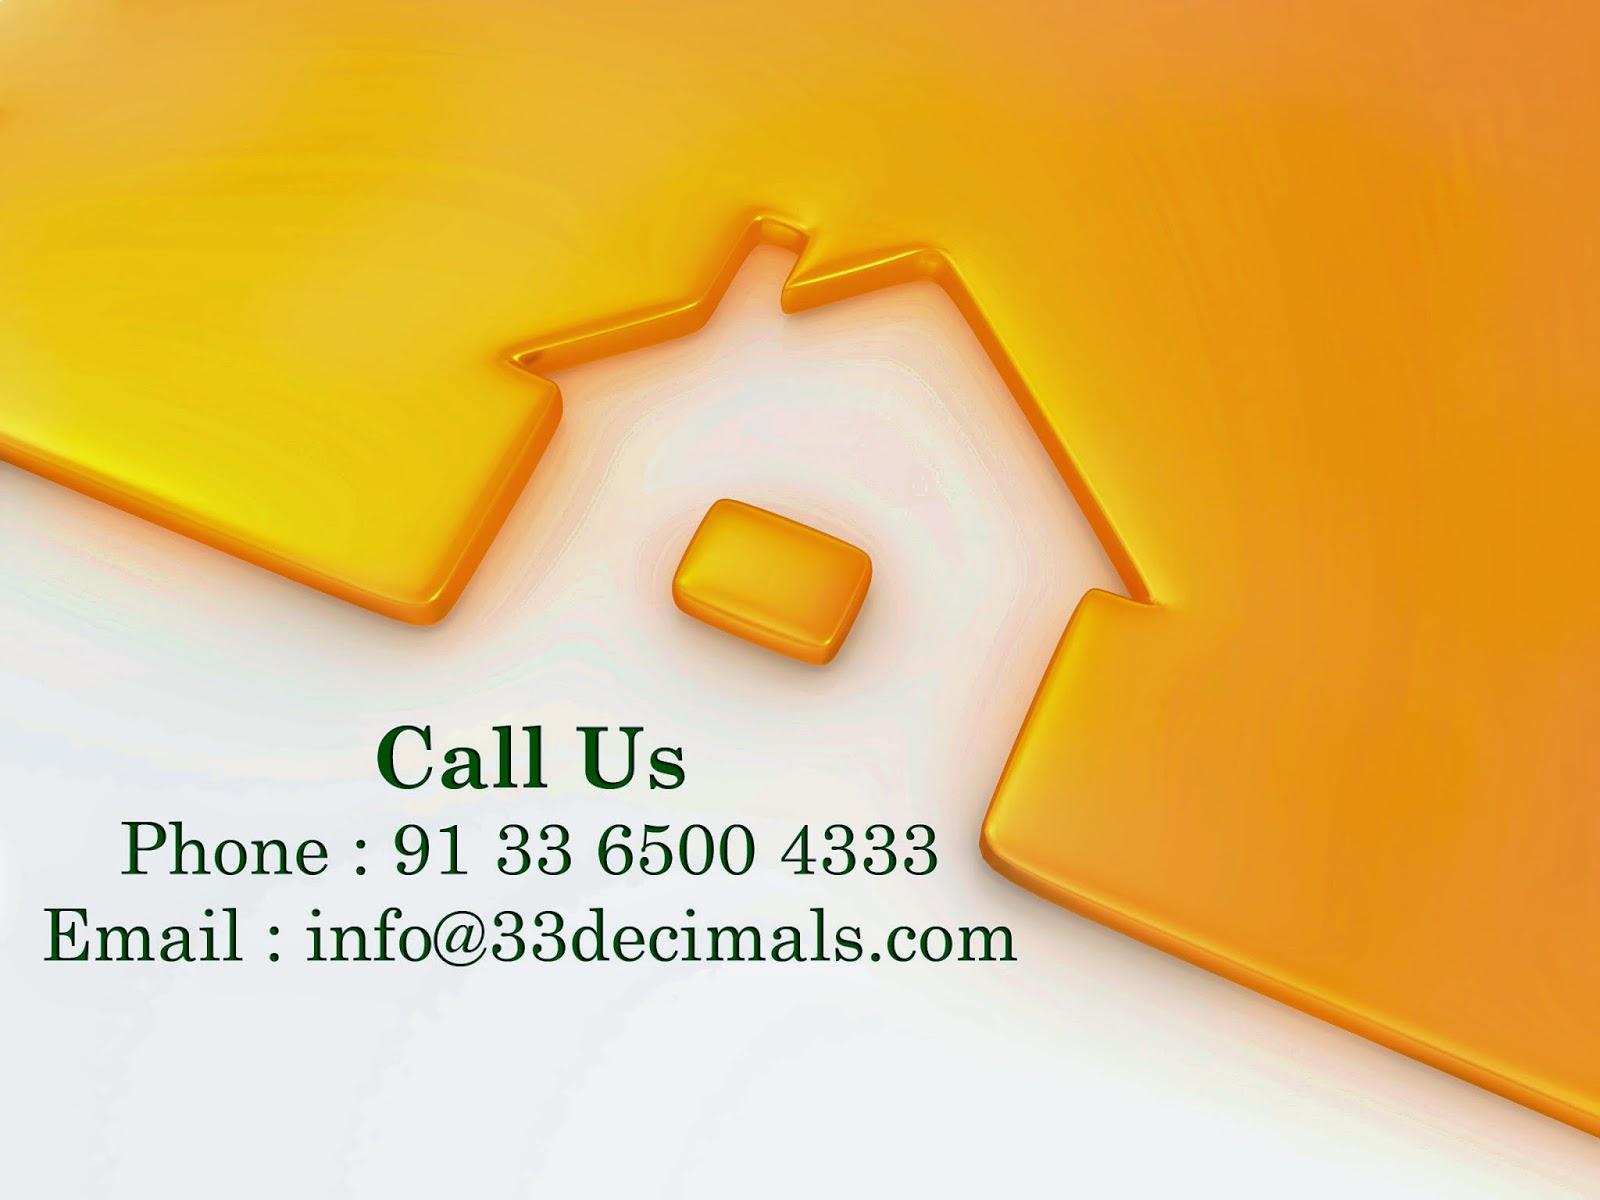 Contact Us 33decimals.com